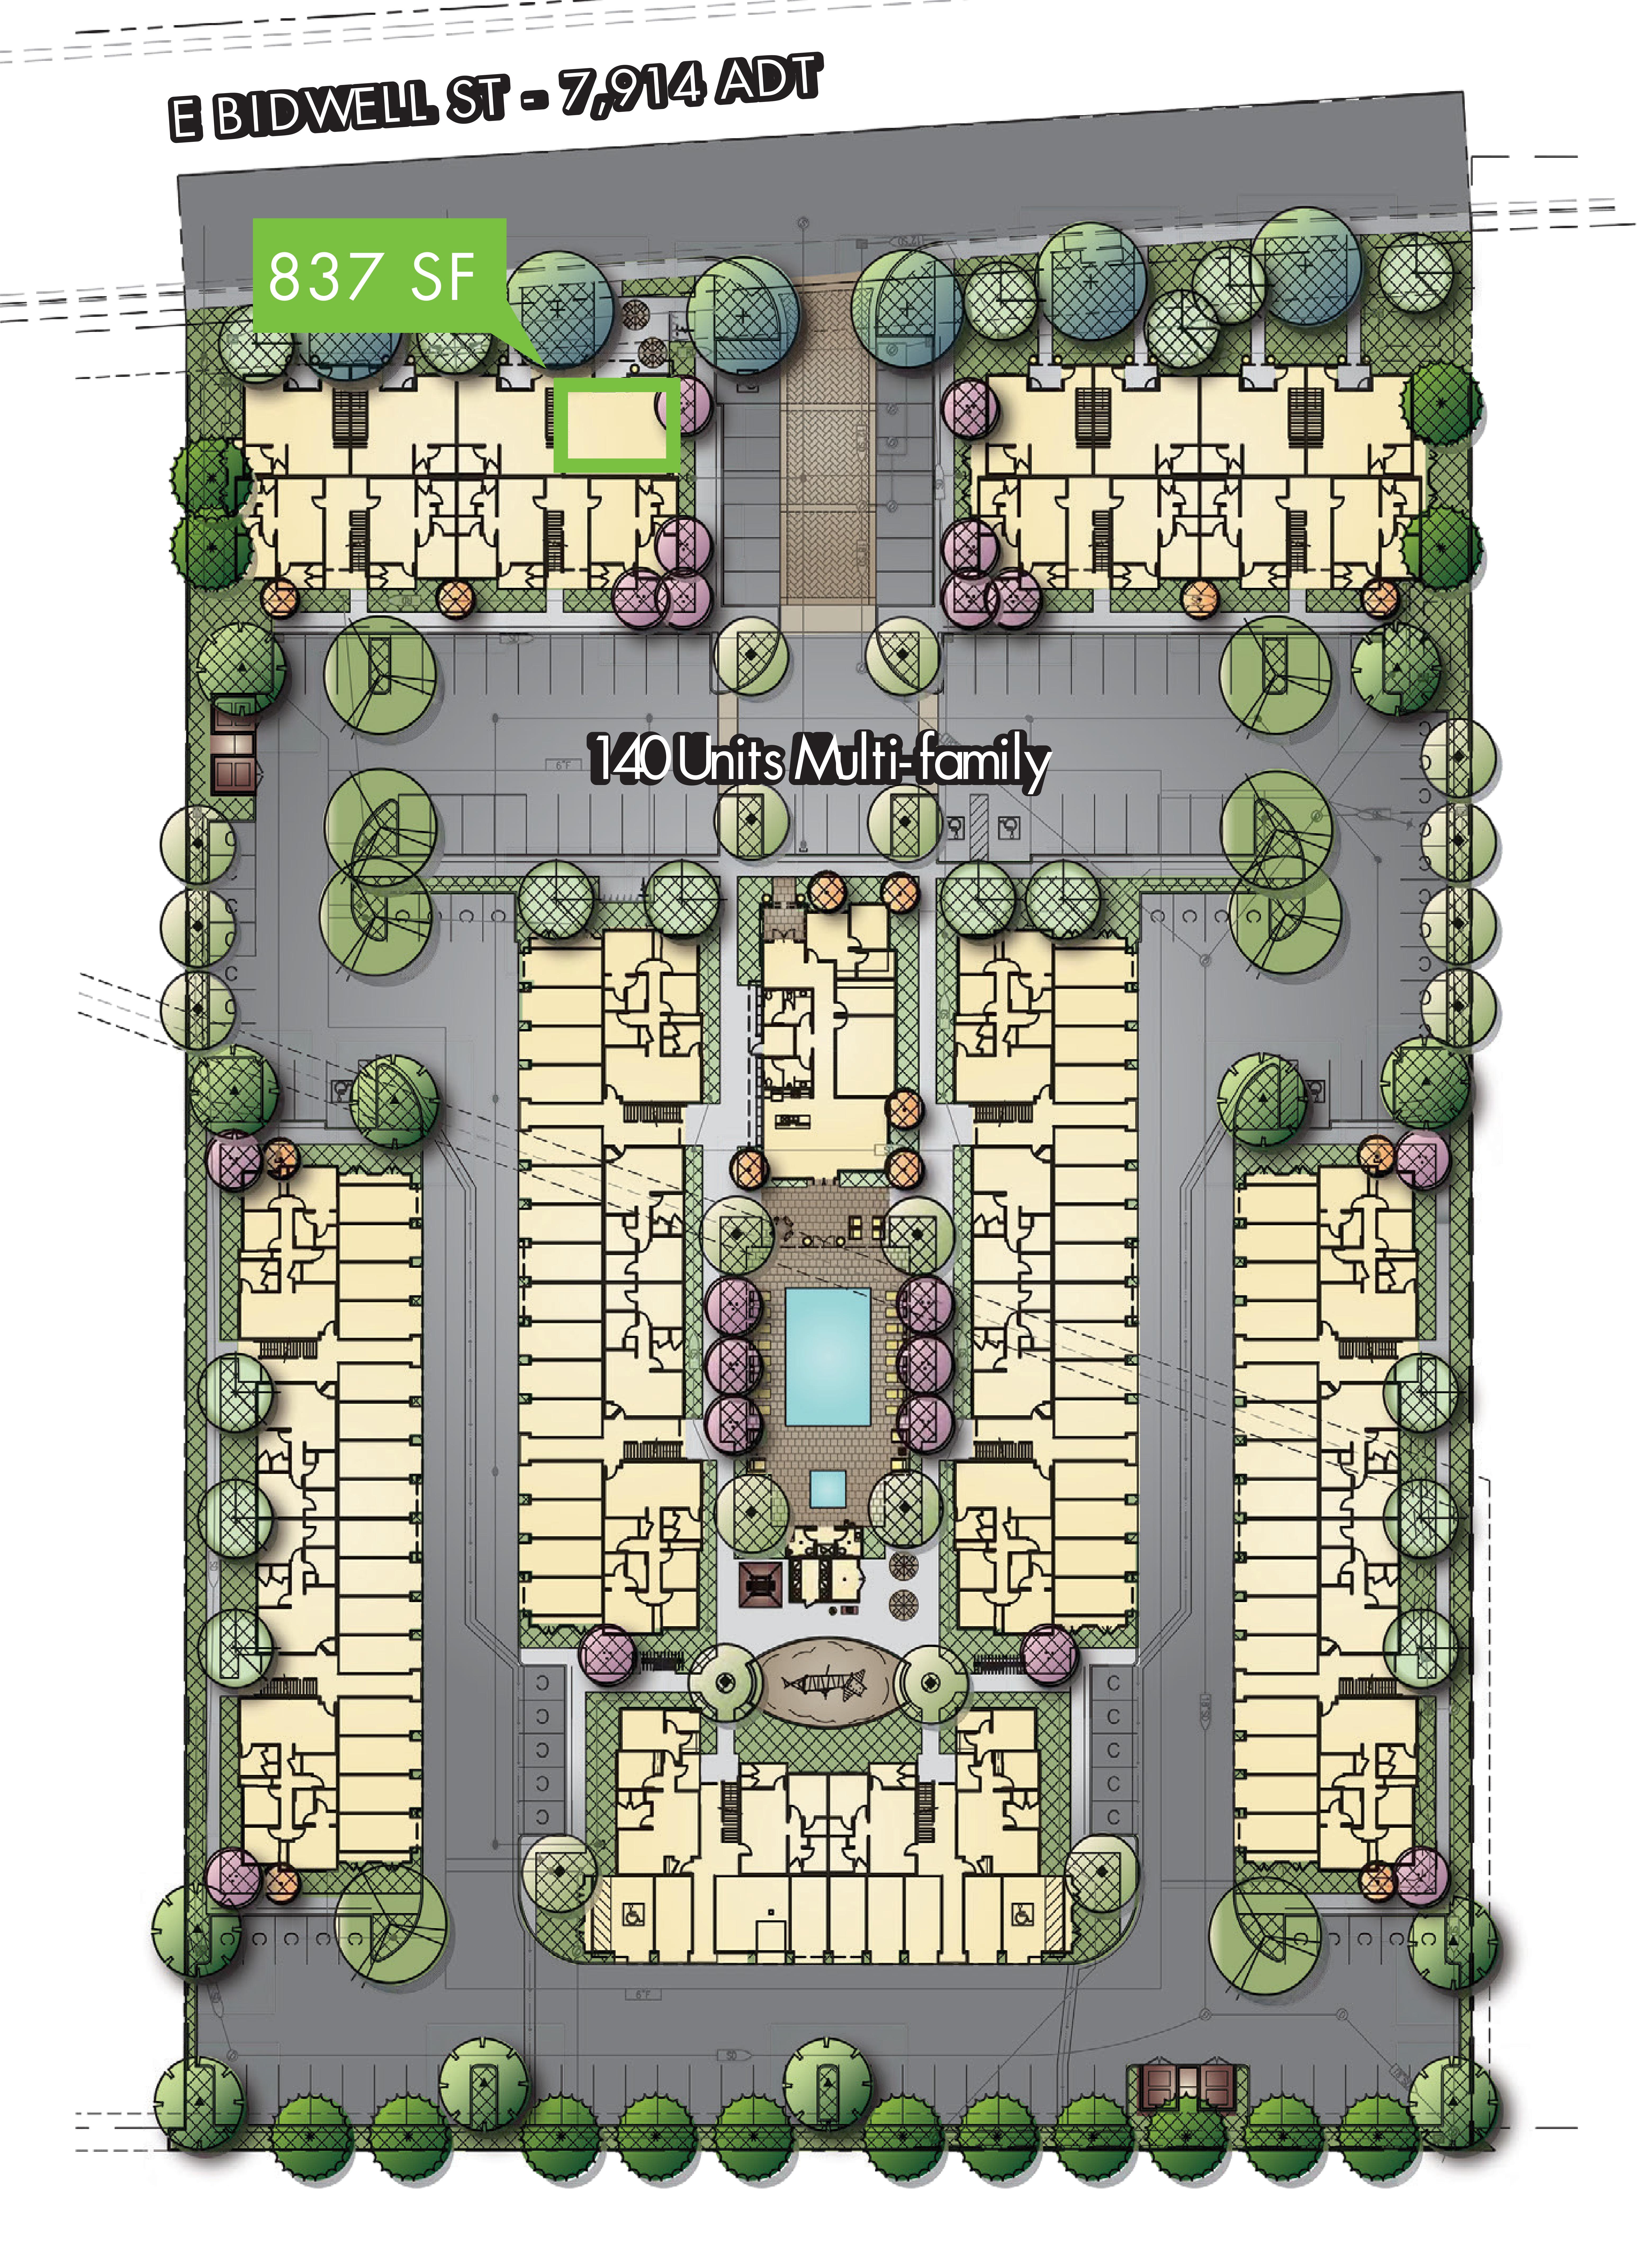 Bidwell Pointe: site plan